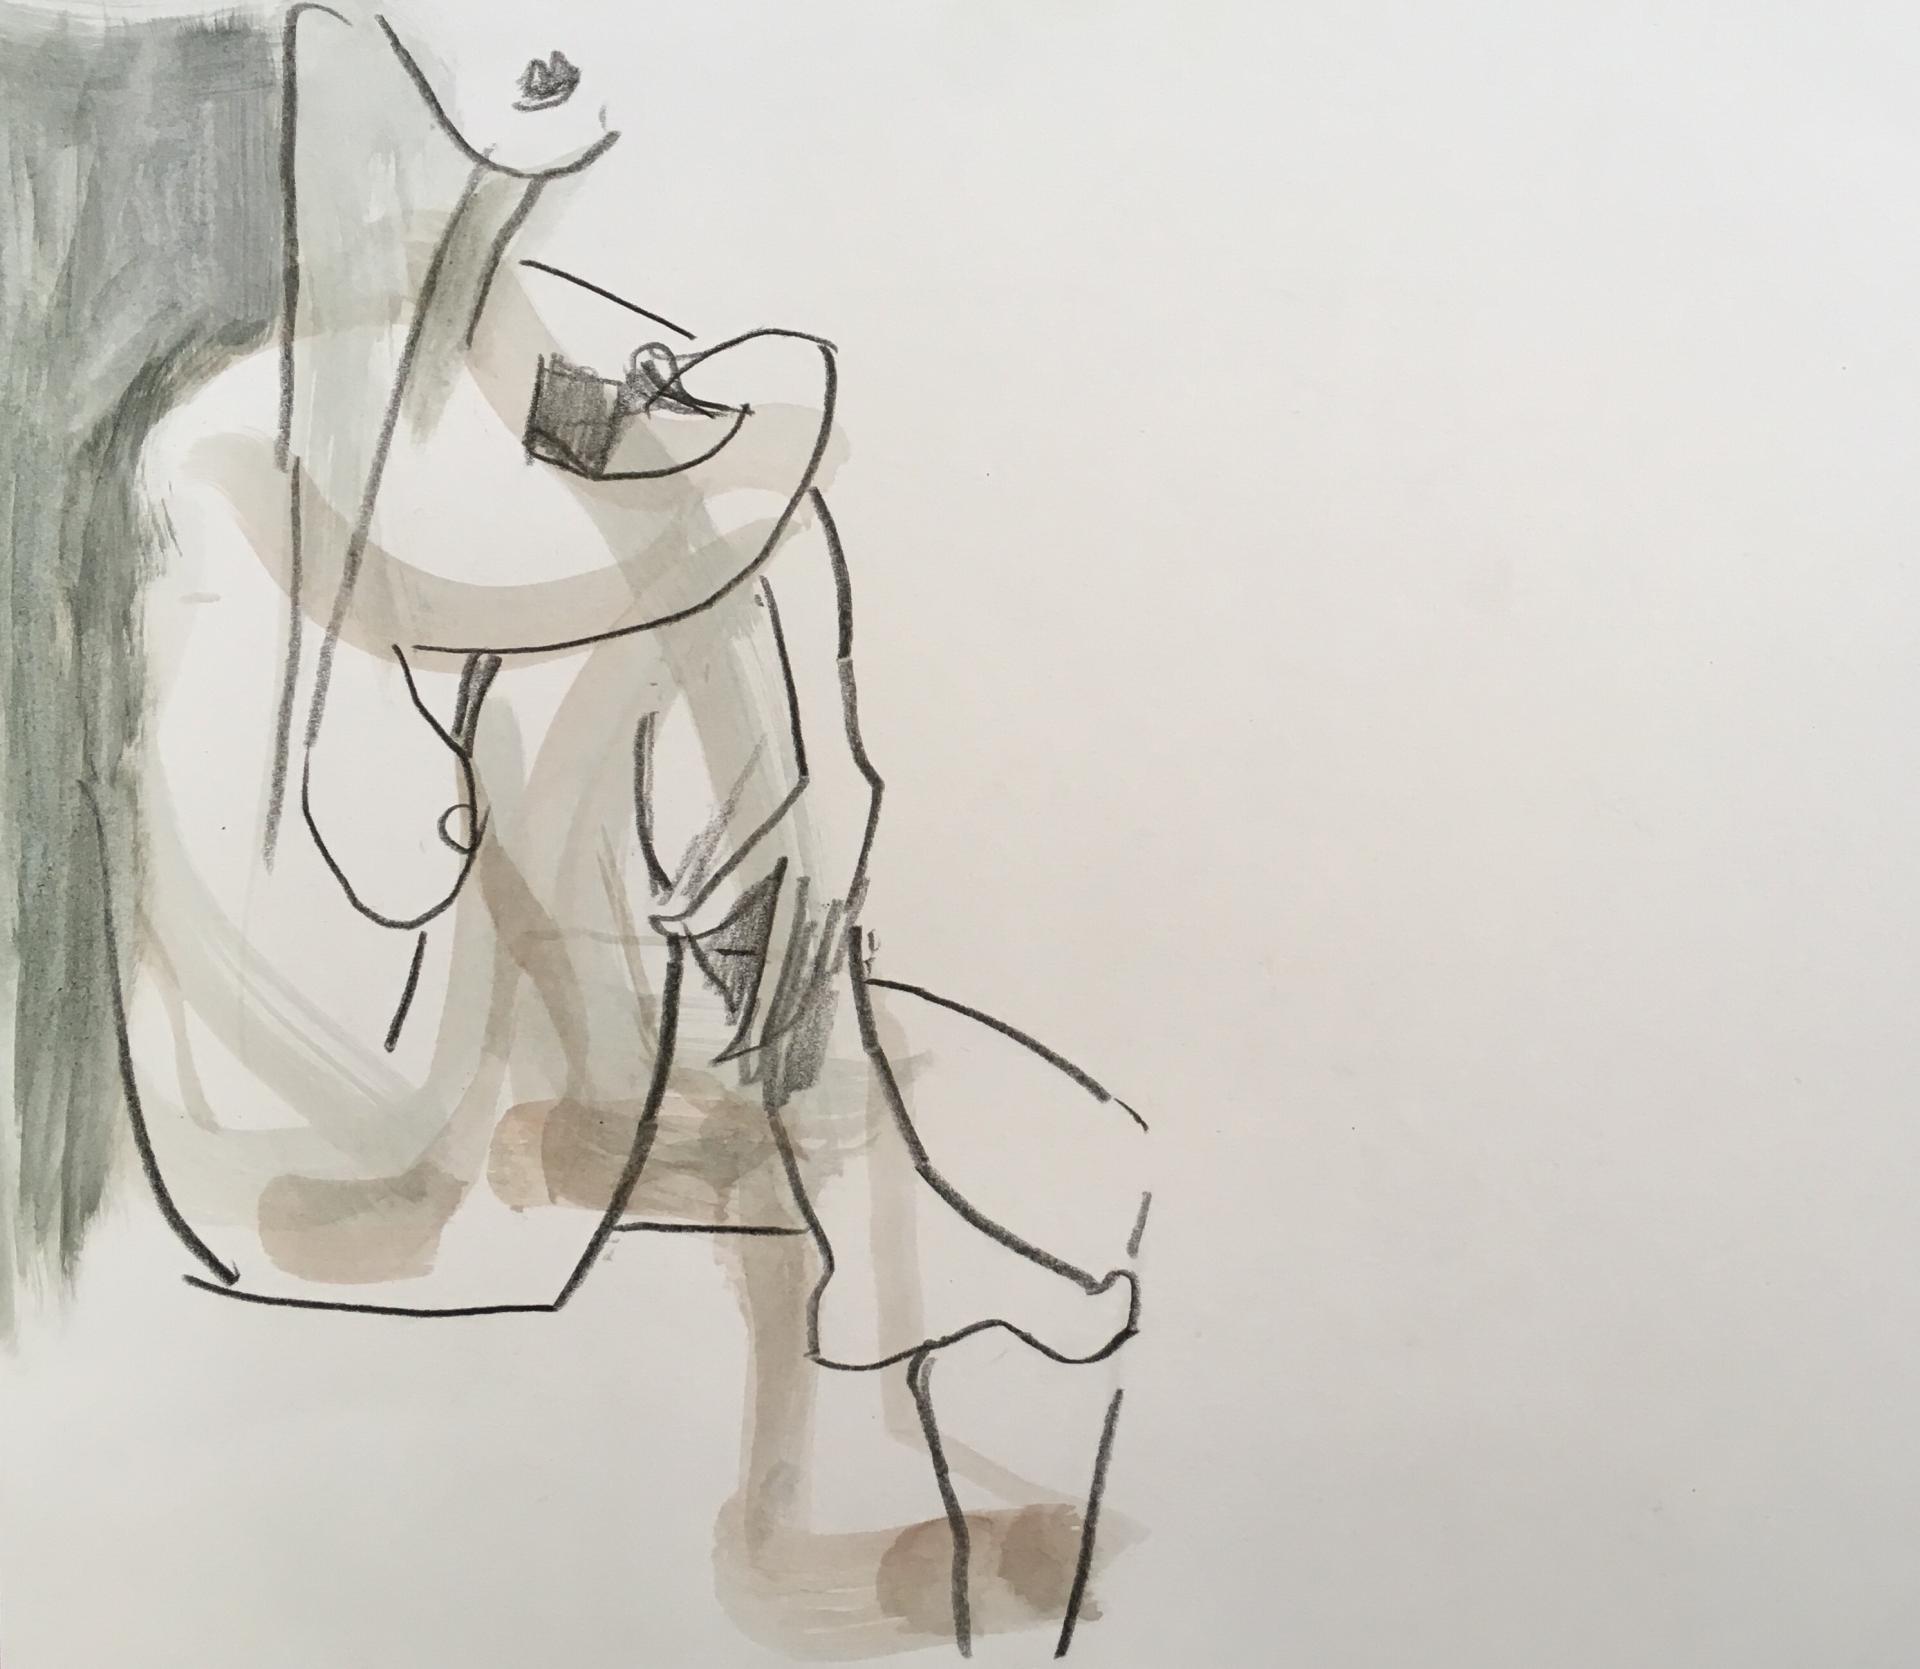 à la Picasso